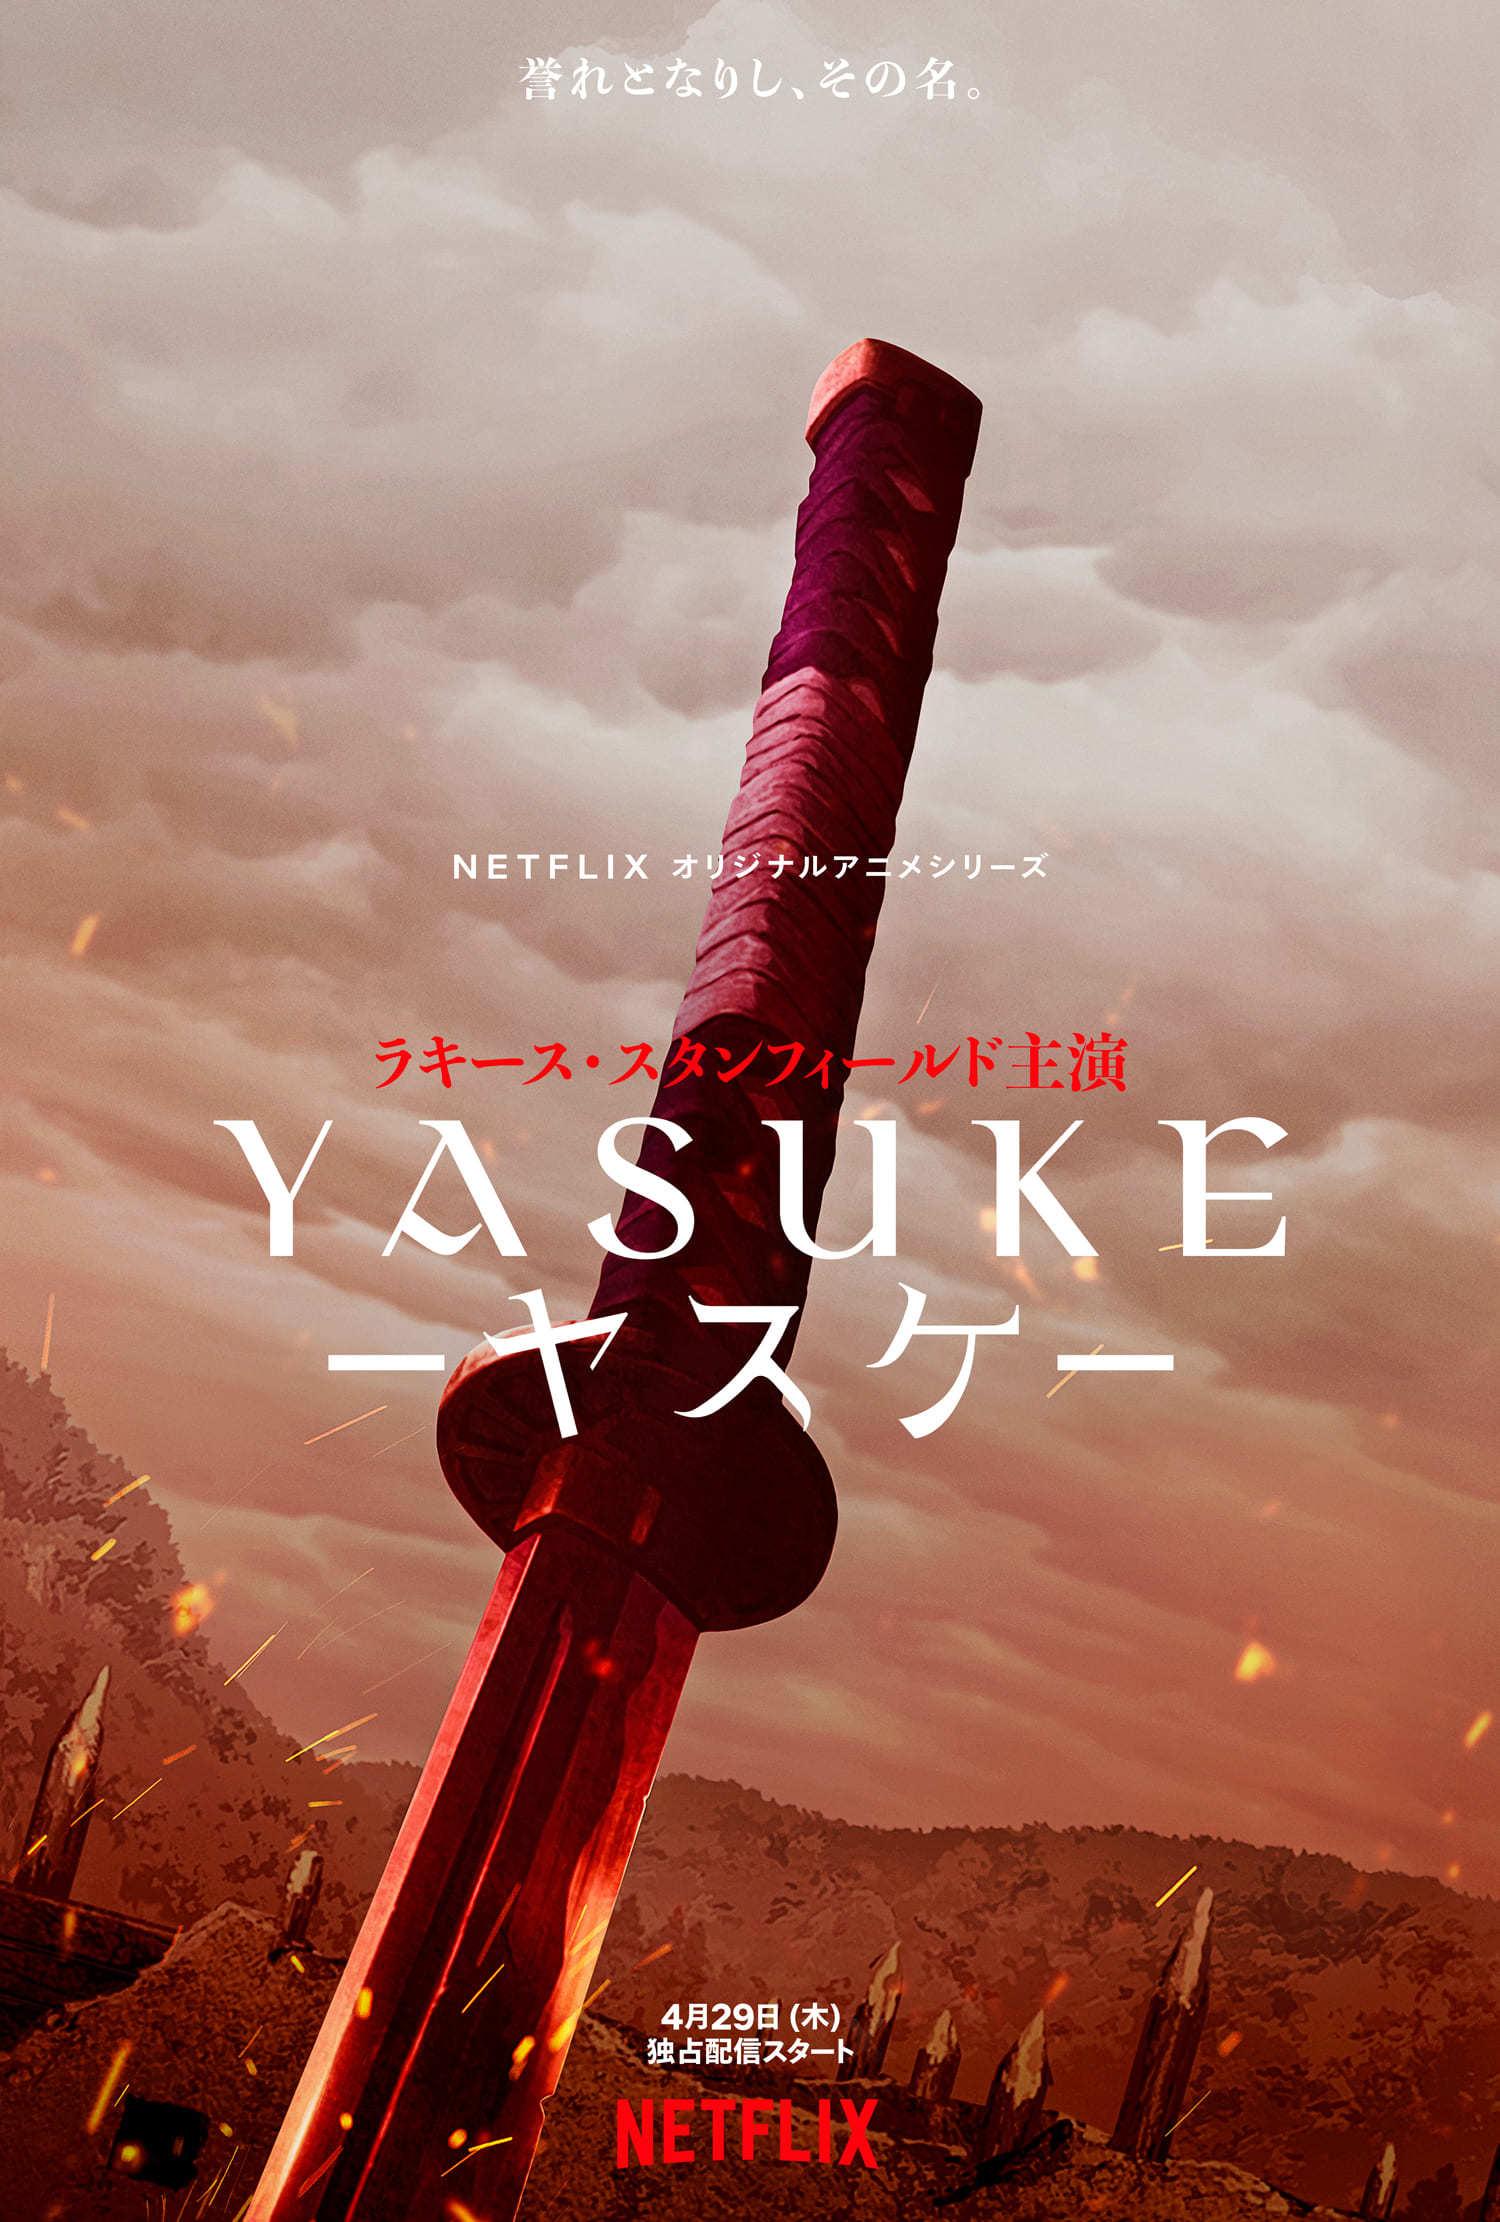 Netflixオリジナルアニメシリーズ『Yasuke -ヤスケ-』ティザービジュアル